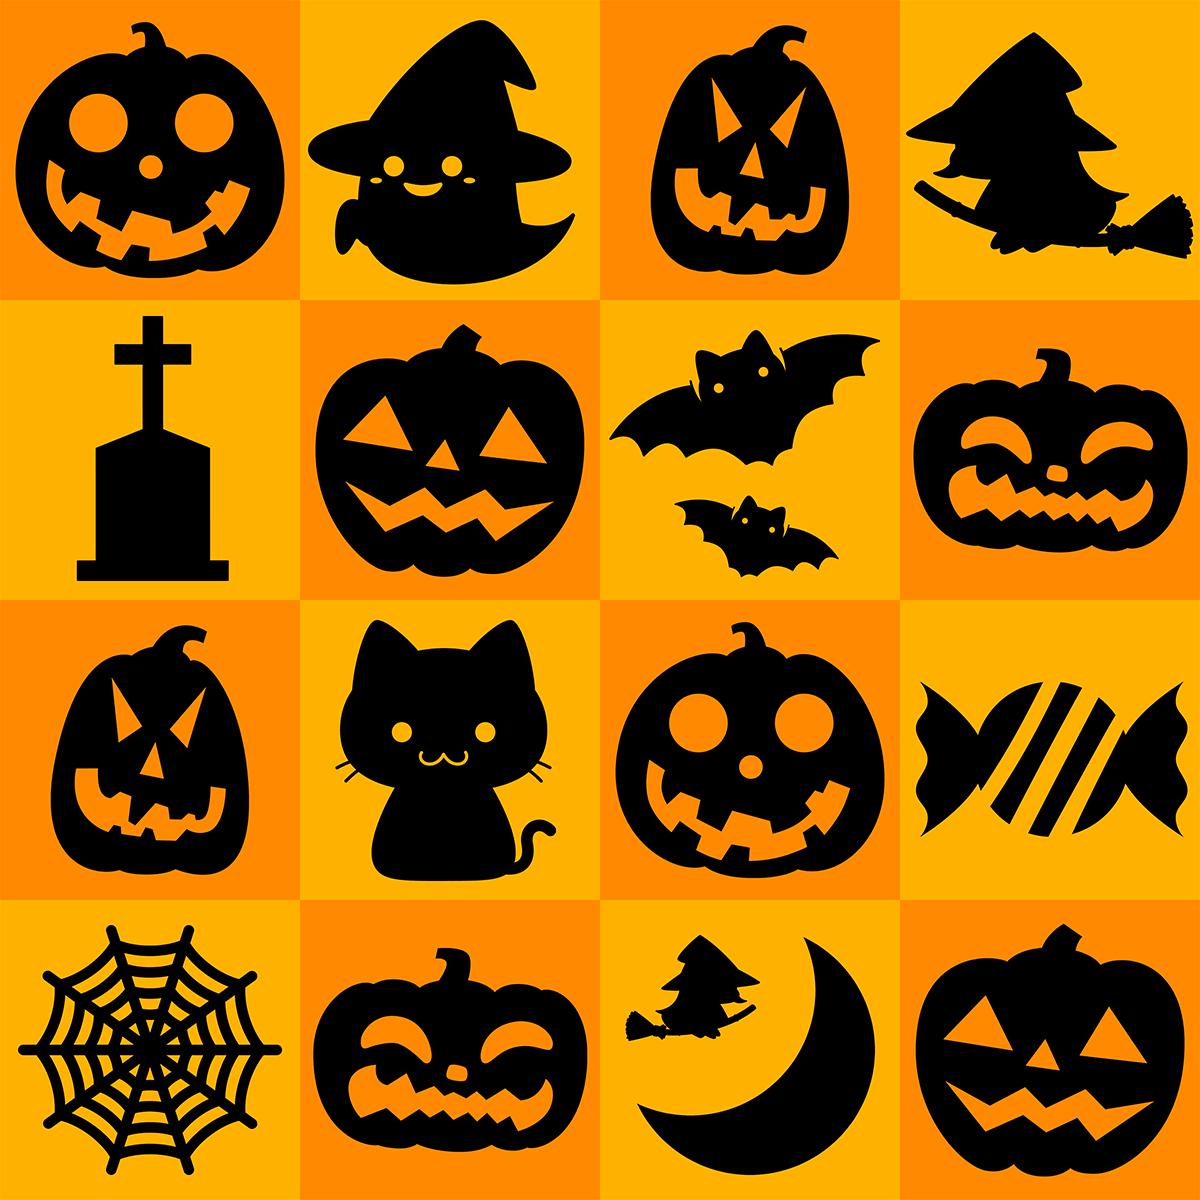 【パターン】ハロウィンの無料イラスト